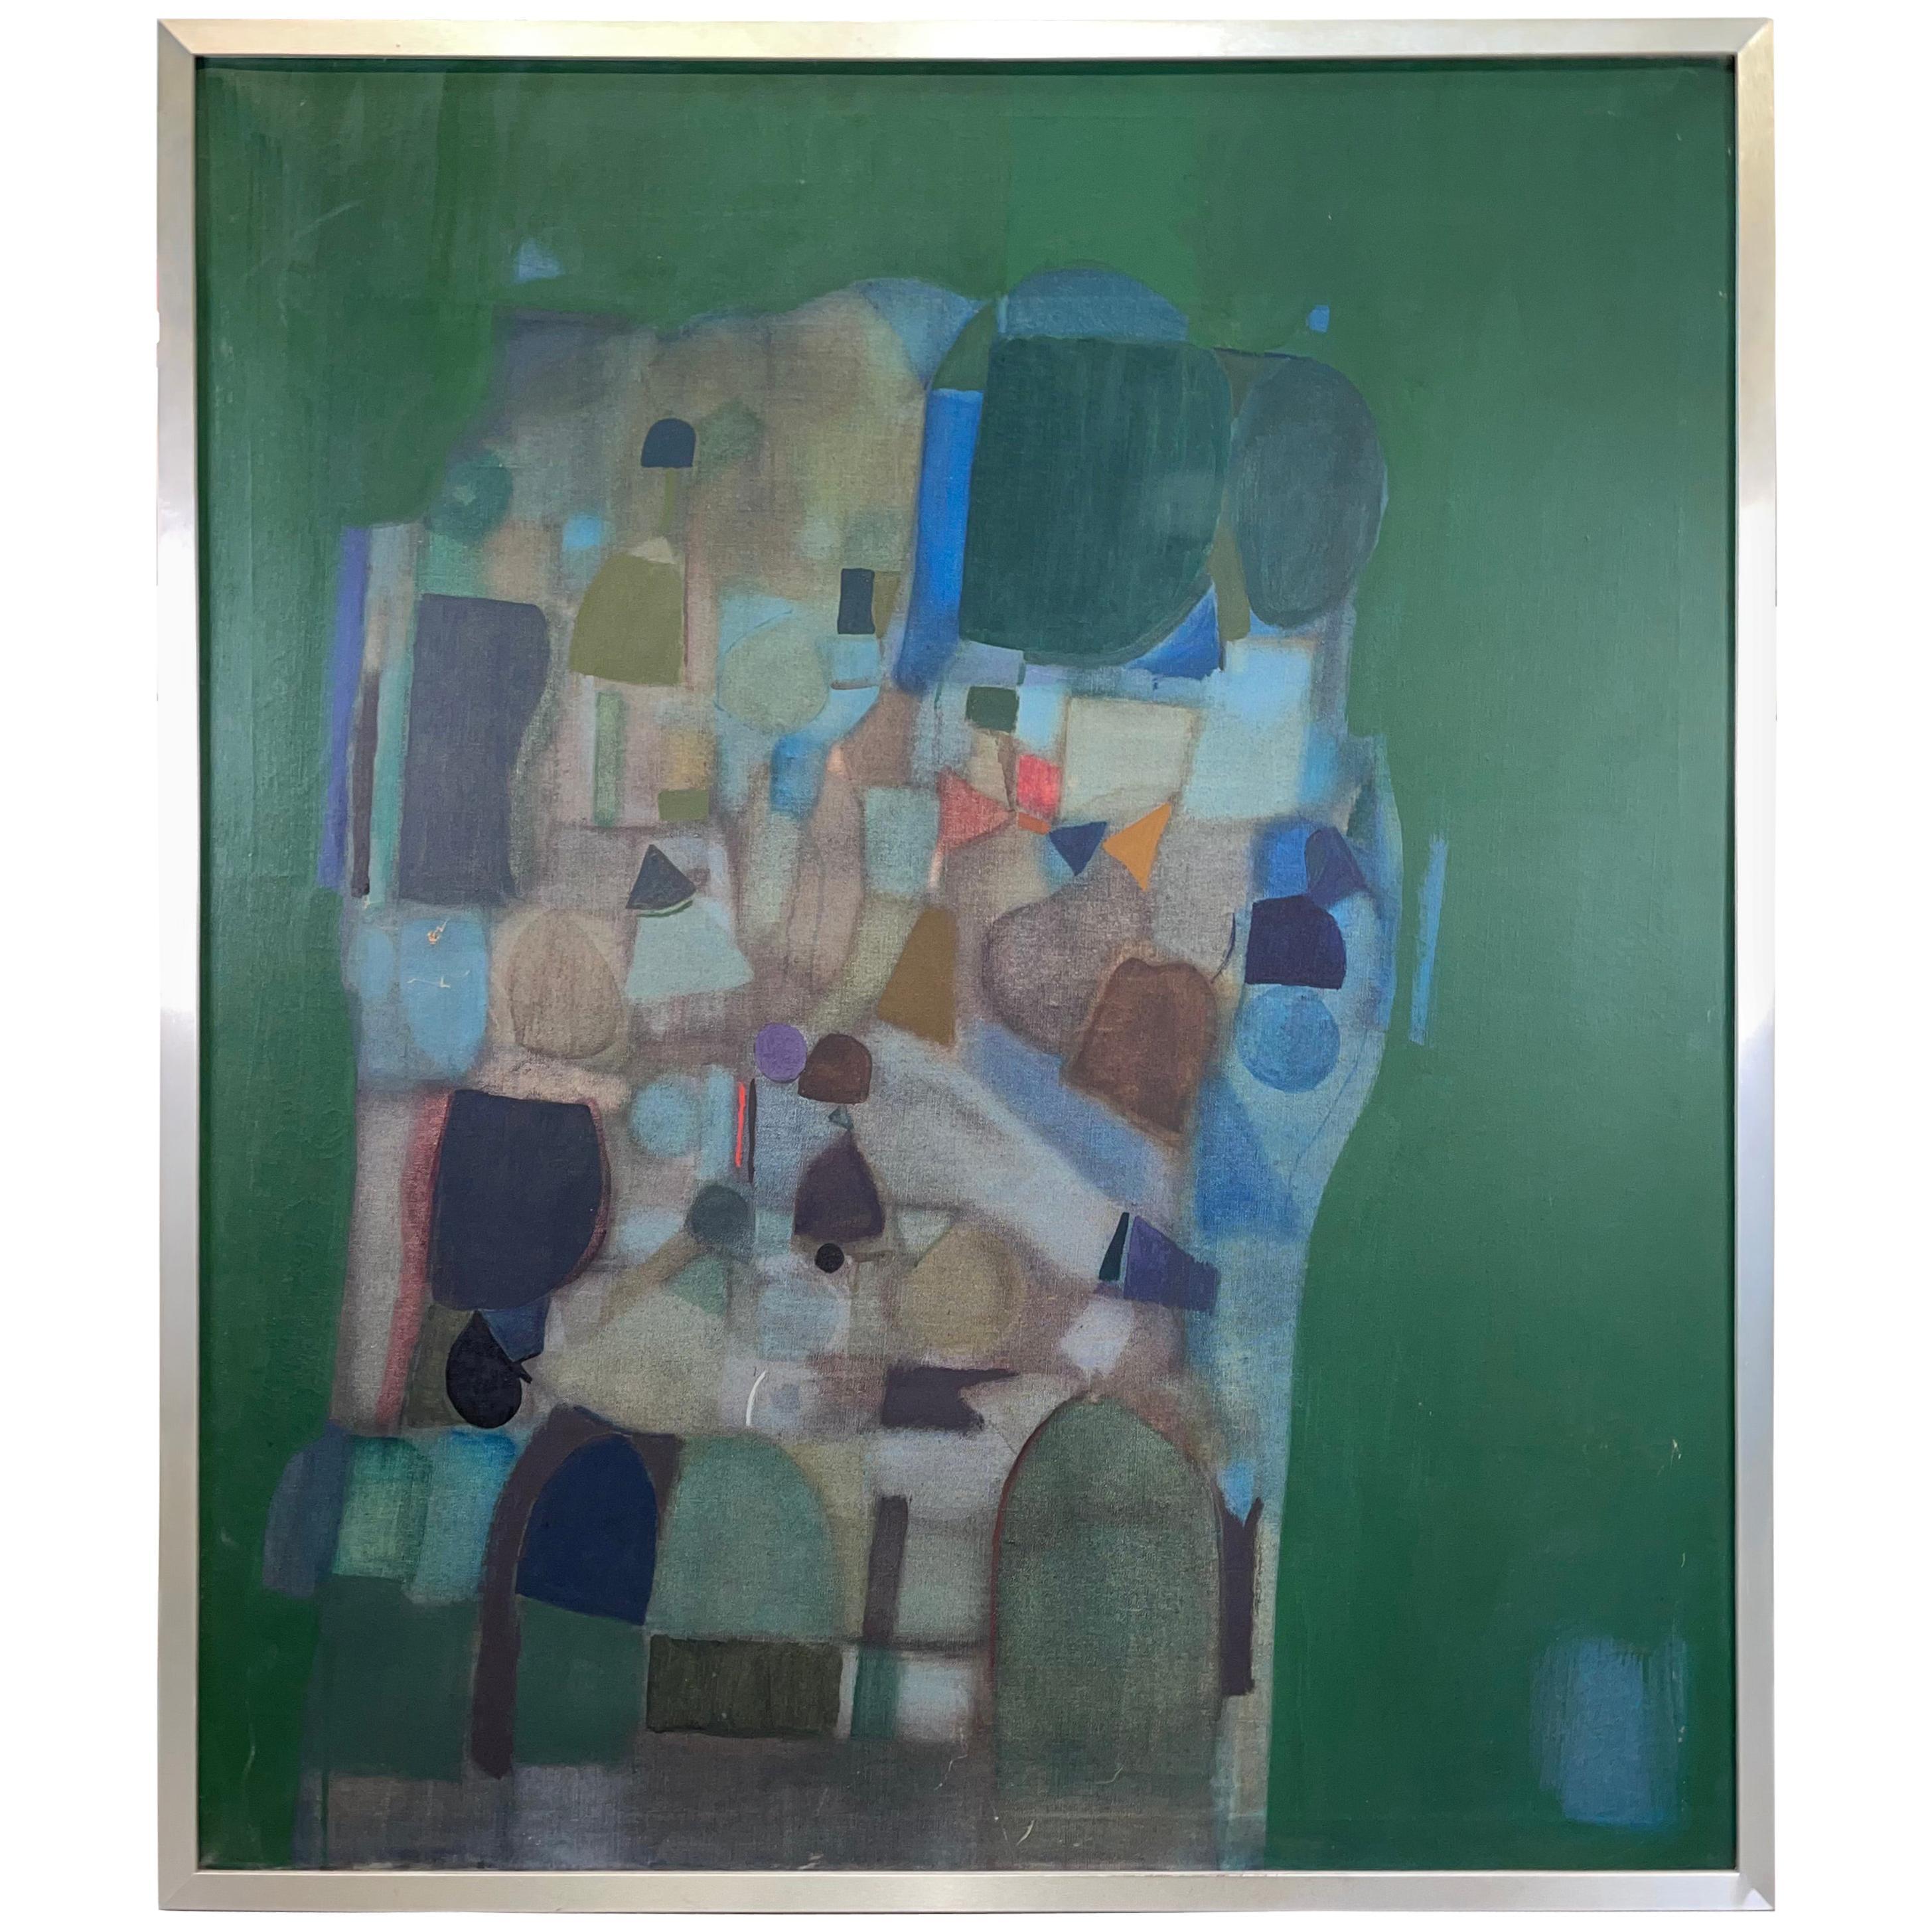 Joseph Raffaele, Abstract Oil on Canvas, 1958